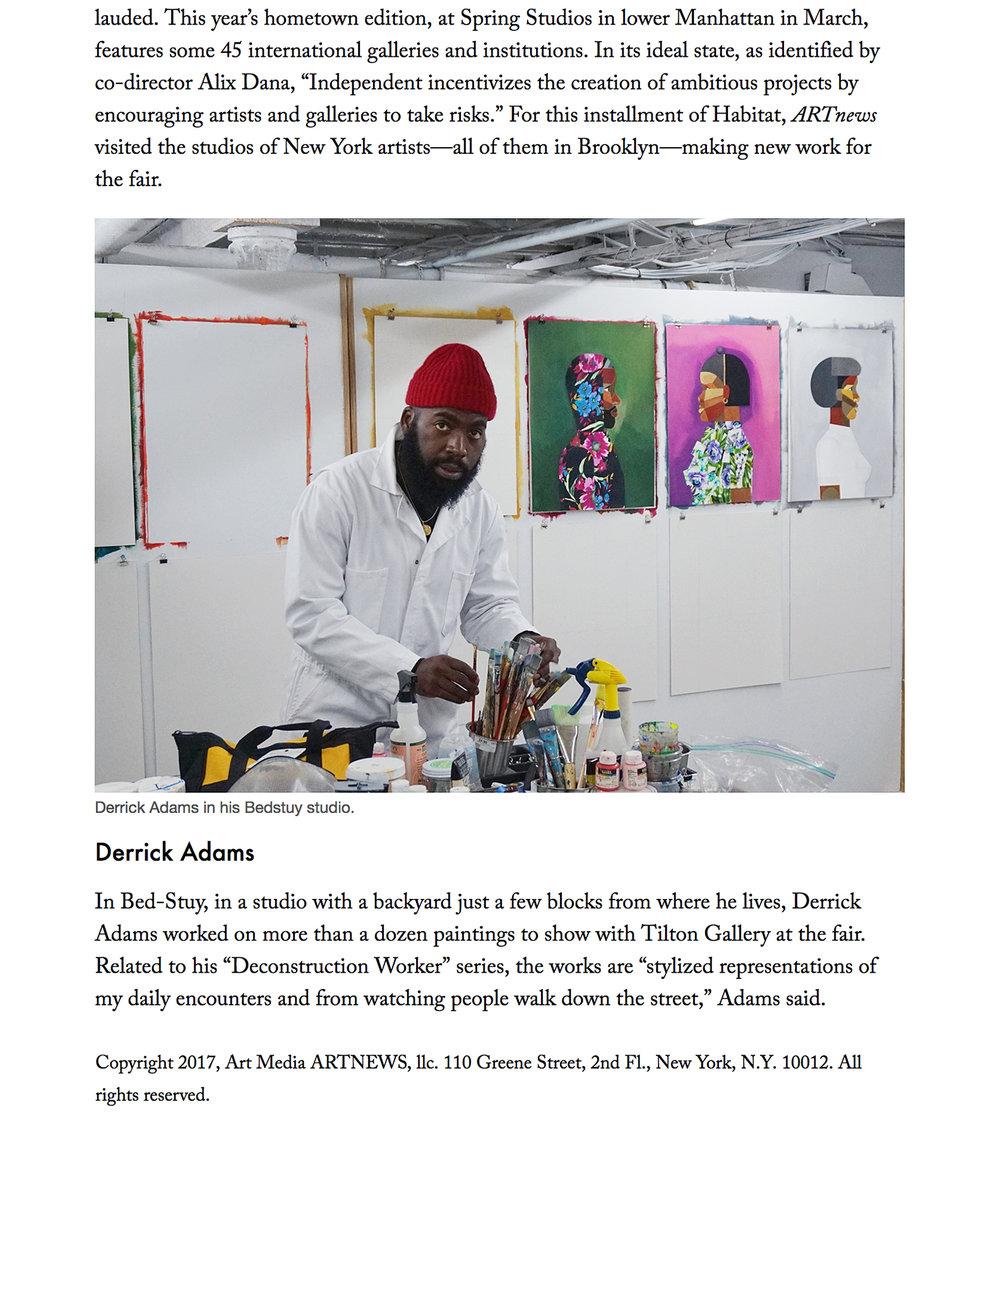 ARTNEWS-2017_2.jpg